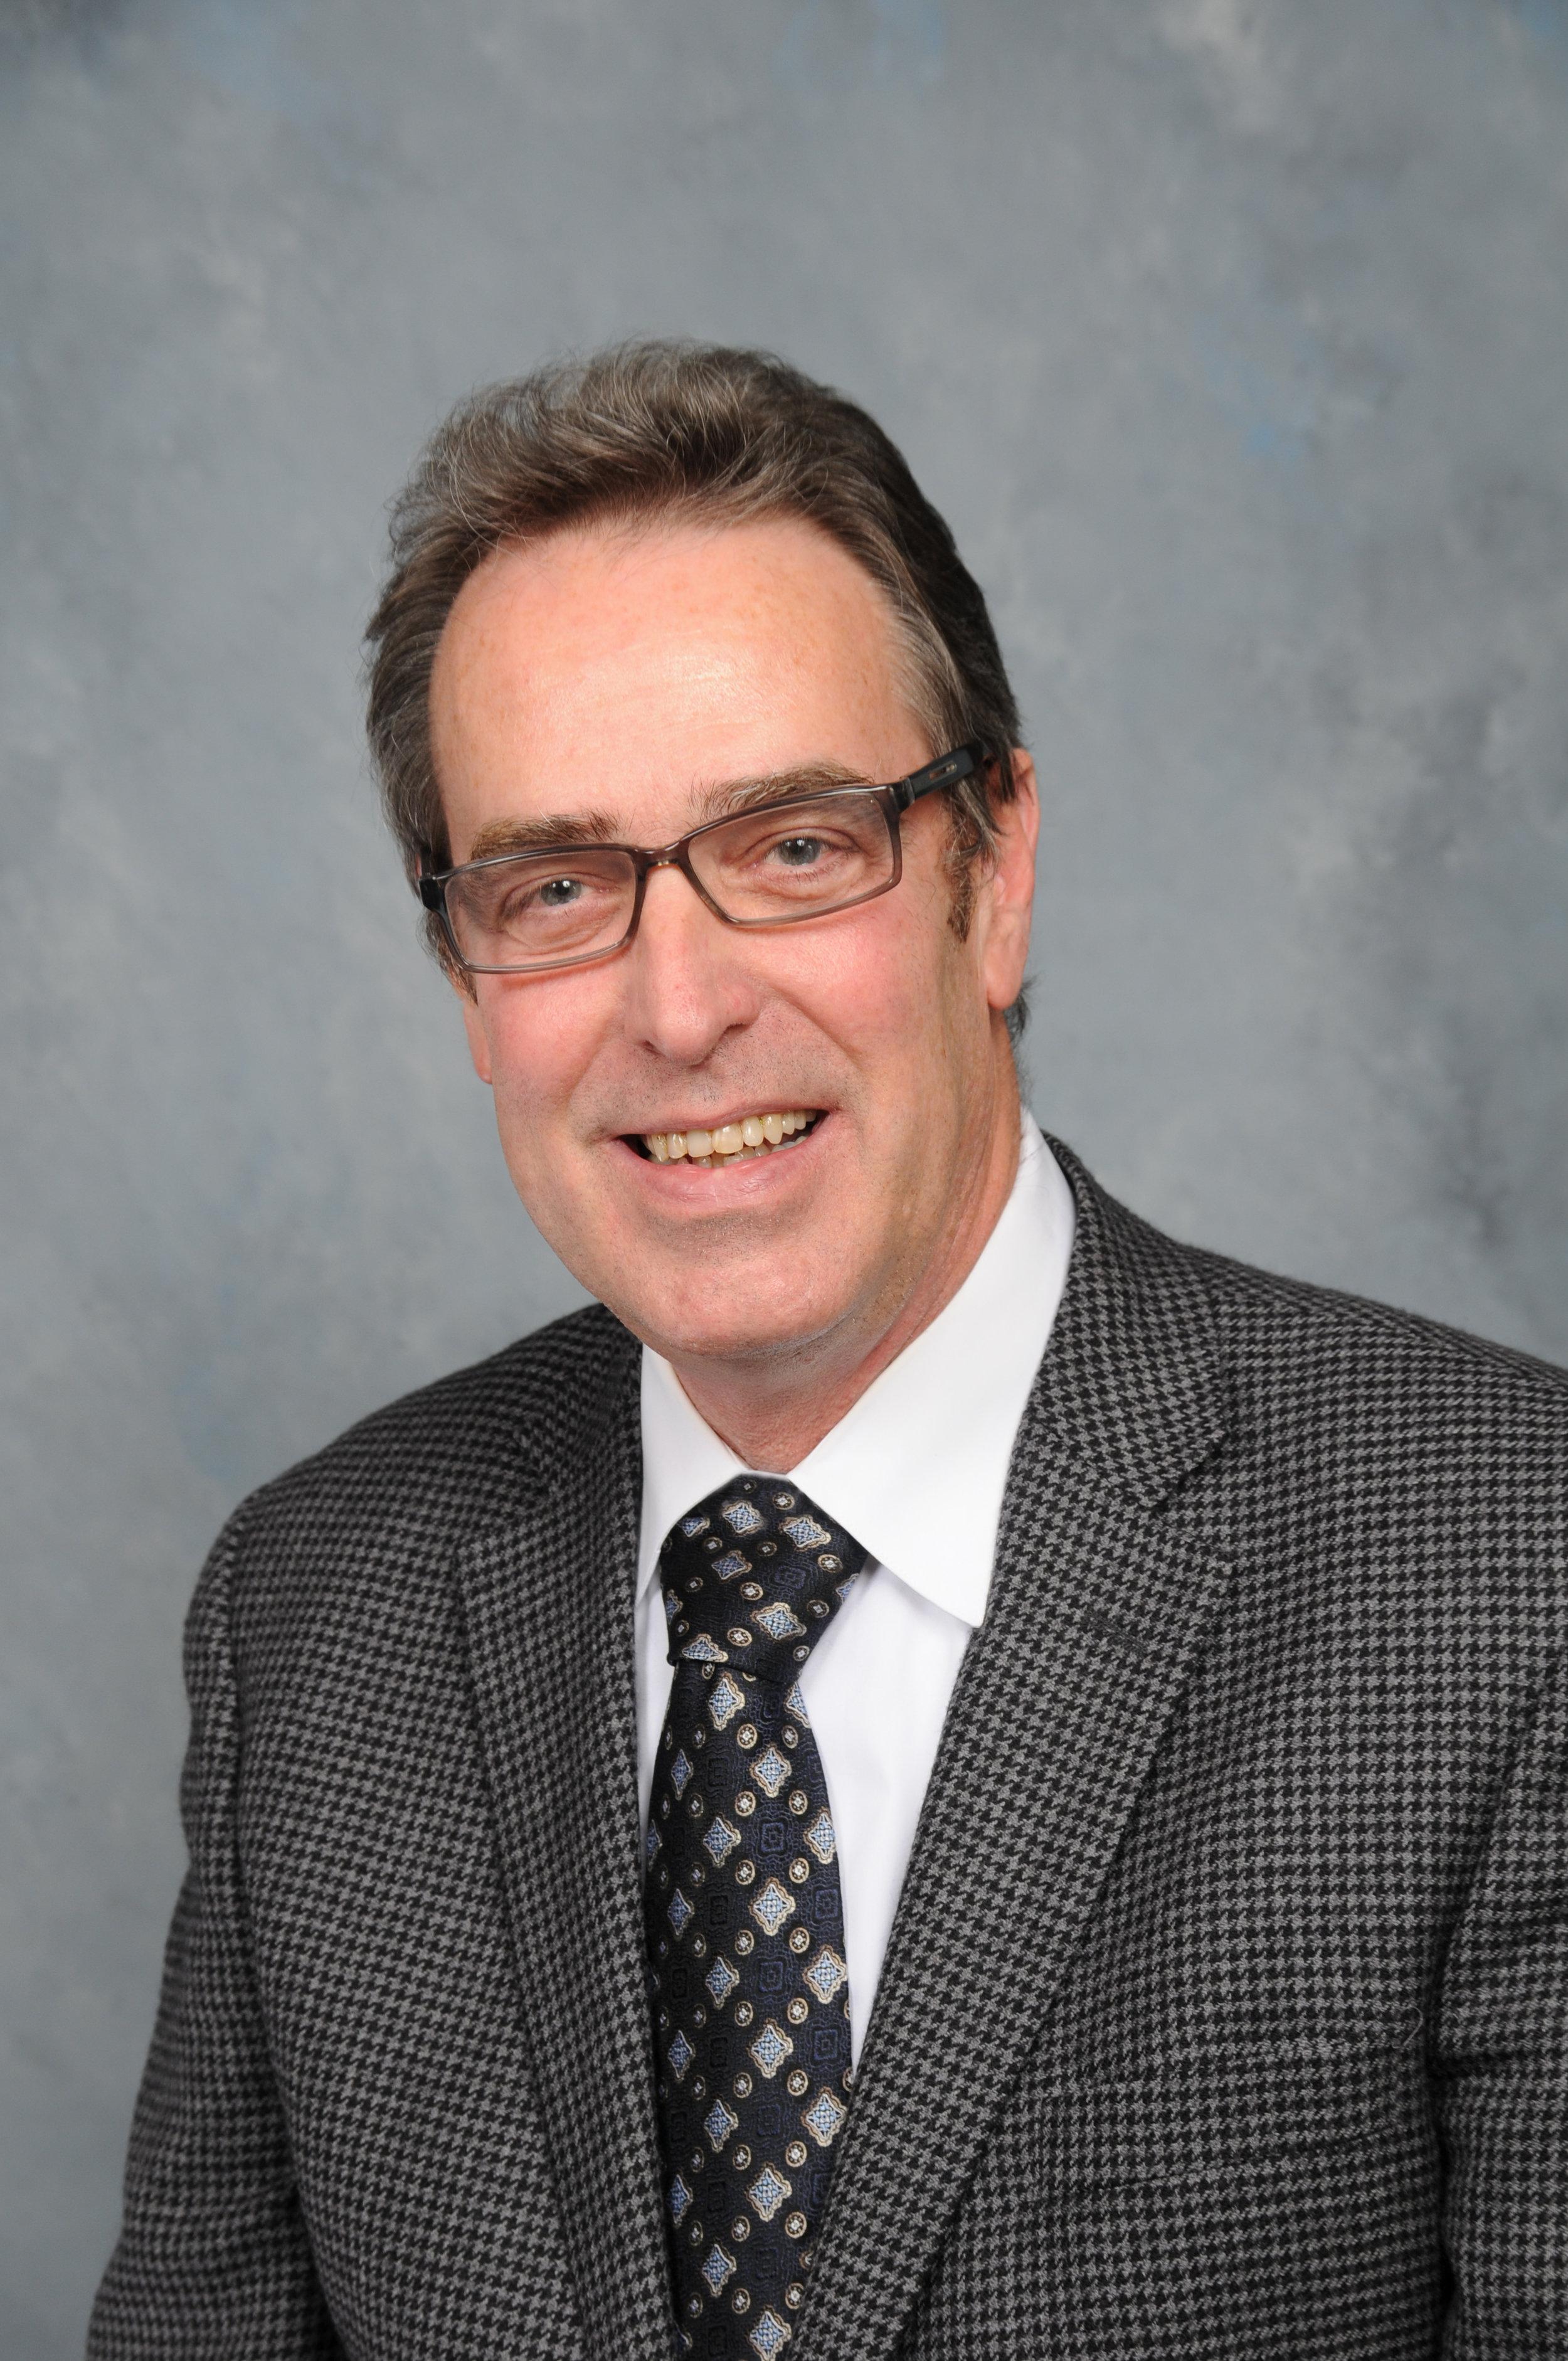 Michael W. Tryon